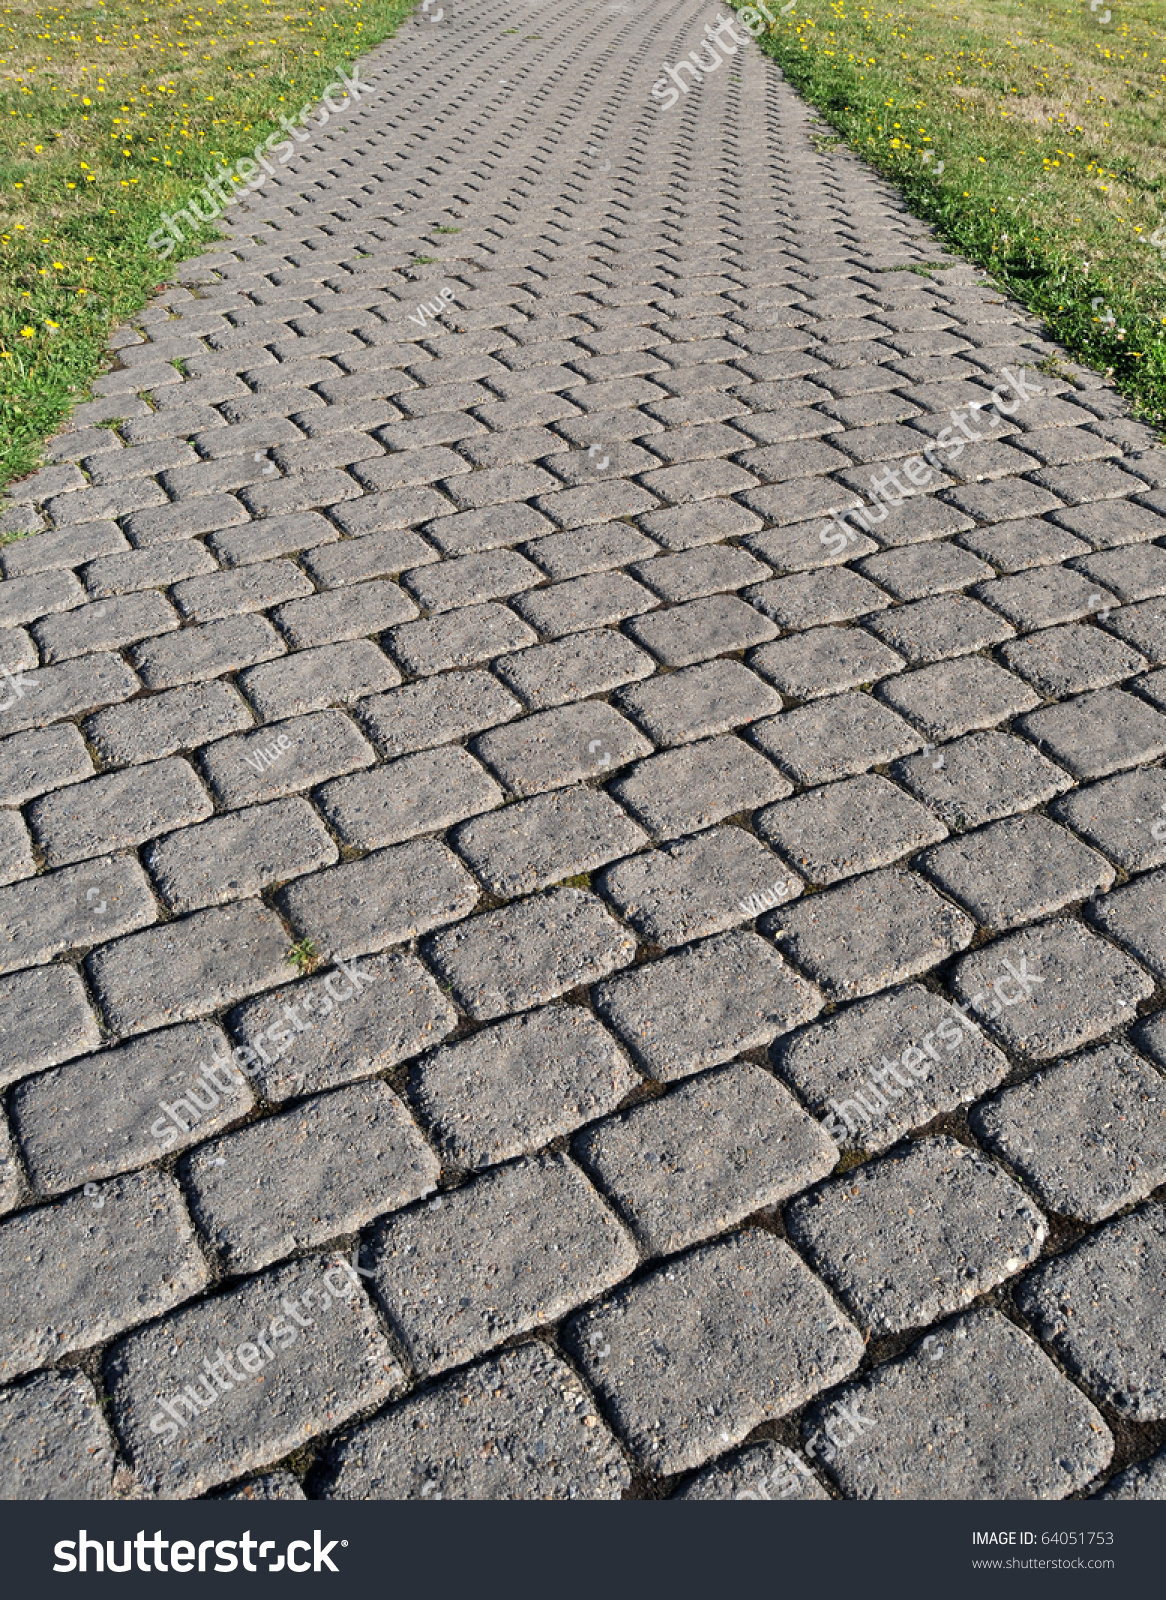 Cobblestone Path Square Bricks Showing Perspective Stock